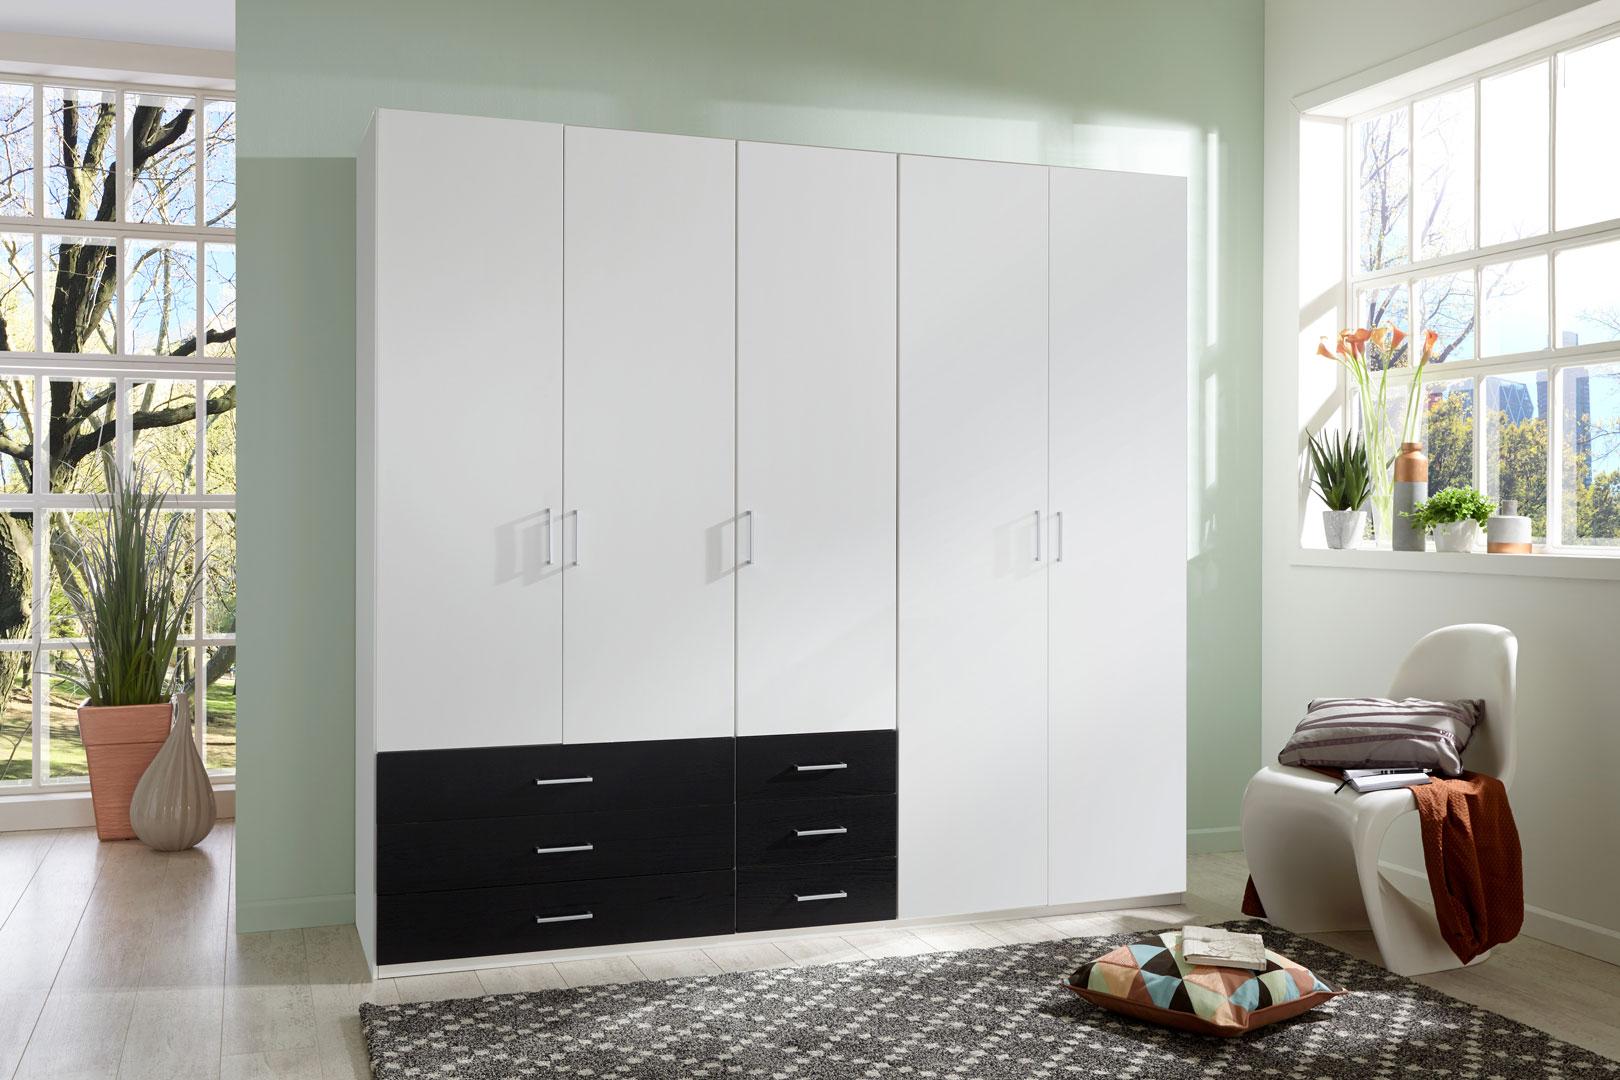 Armoire contemporaine 5 portes/6 tiroirs coloris blanc/noir Simbad